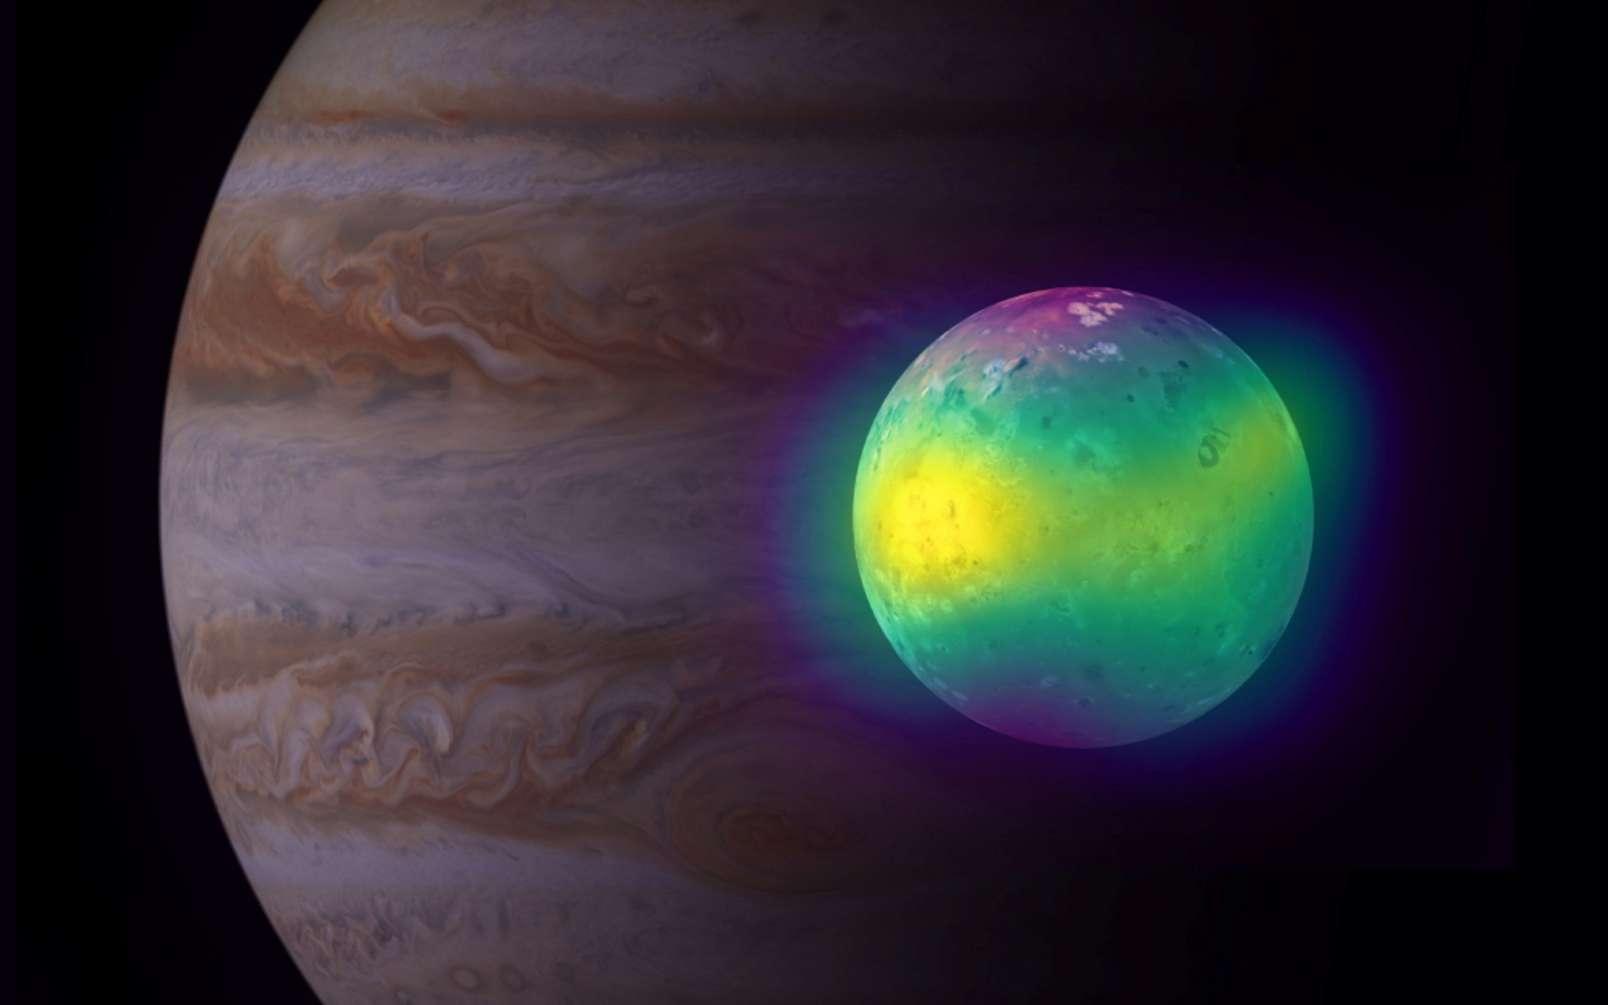 Une image composite montrant la lune Io de Jupiter en radio (Alma) et en lumière visible (Voyager 1 et Galileo). Les observations d'Alma d'Io montrent pour la première fois des panaches de dioxyde de soufre (en fausse couleur jaune) s'élevant de ses volcans. Jupiter est visible en arrière-plan, vue par la sonde Cassini. © Alma (ESO, NAOJ, NRAO), I. de Pater et al. ; NRAO, AUI NSF, S. Dagnello ; Nasa, JPL, Space Science Institute